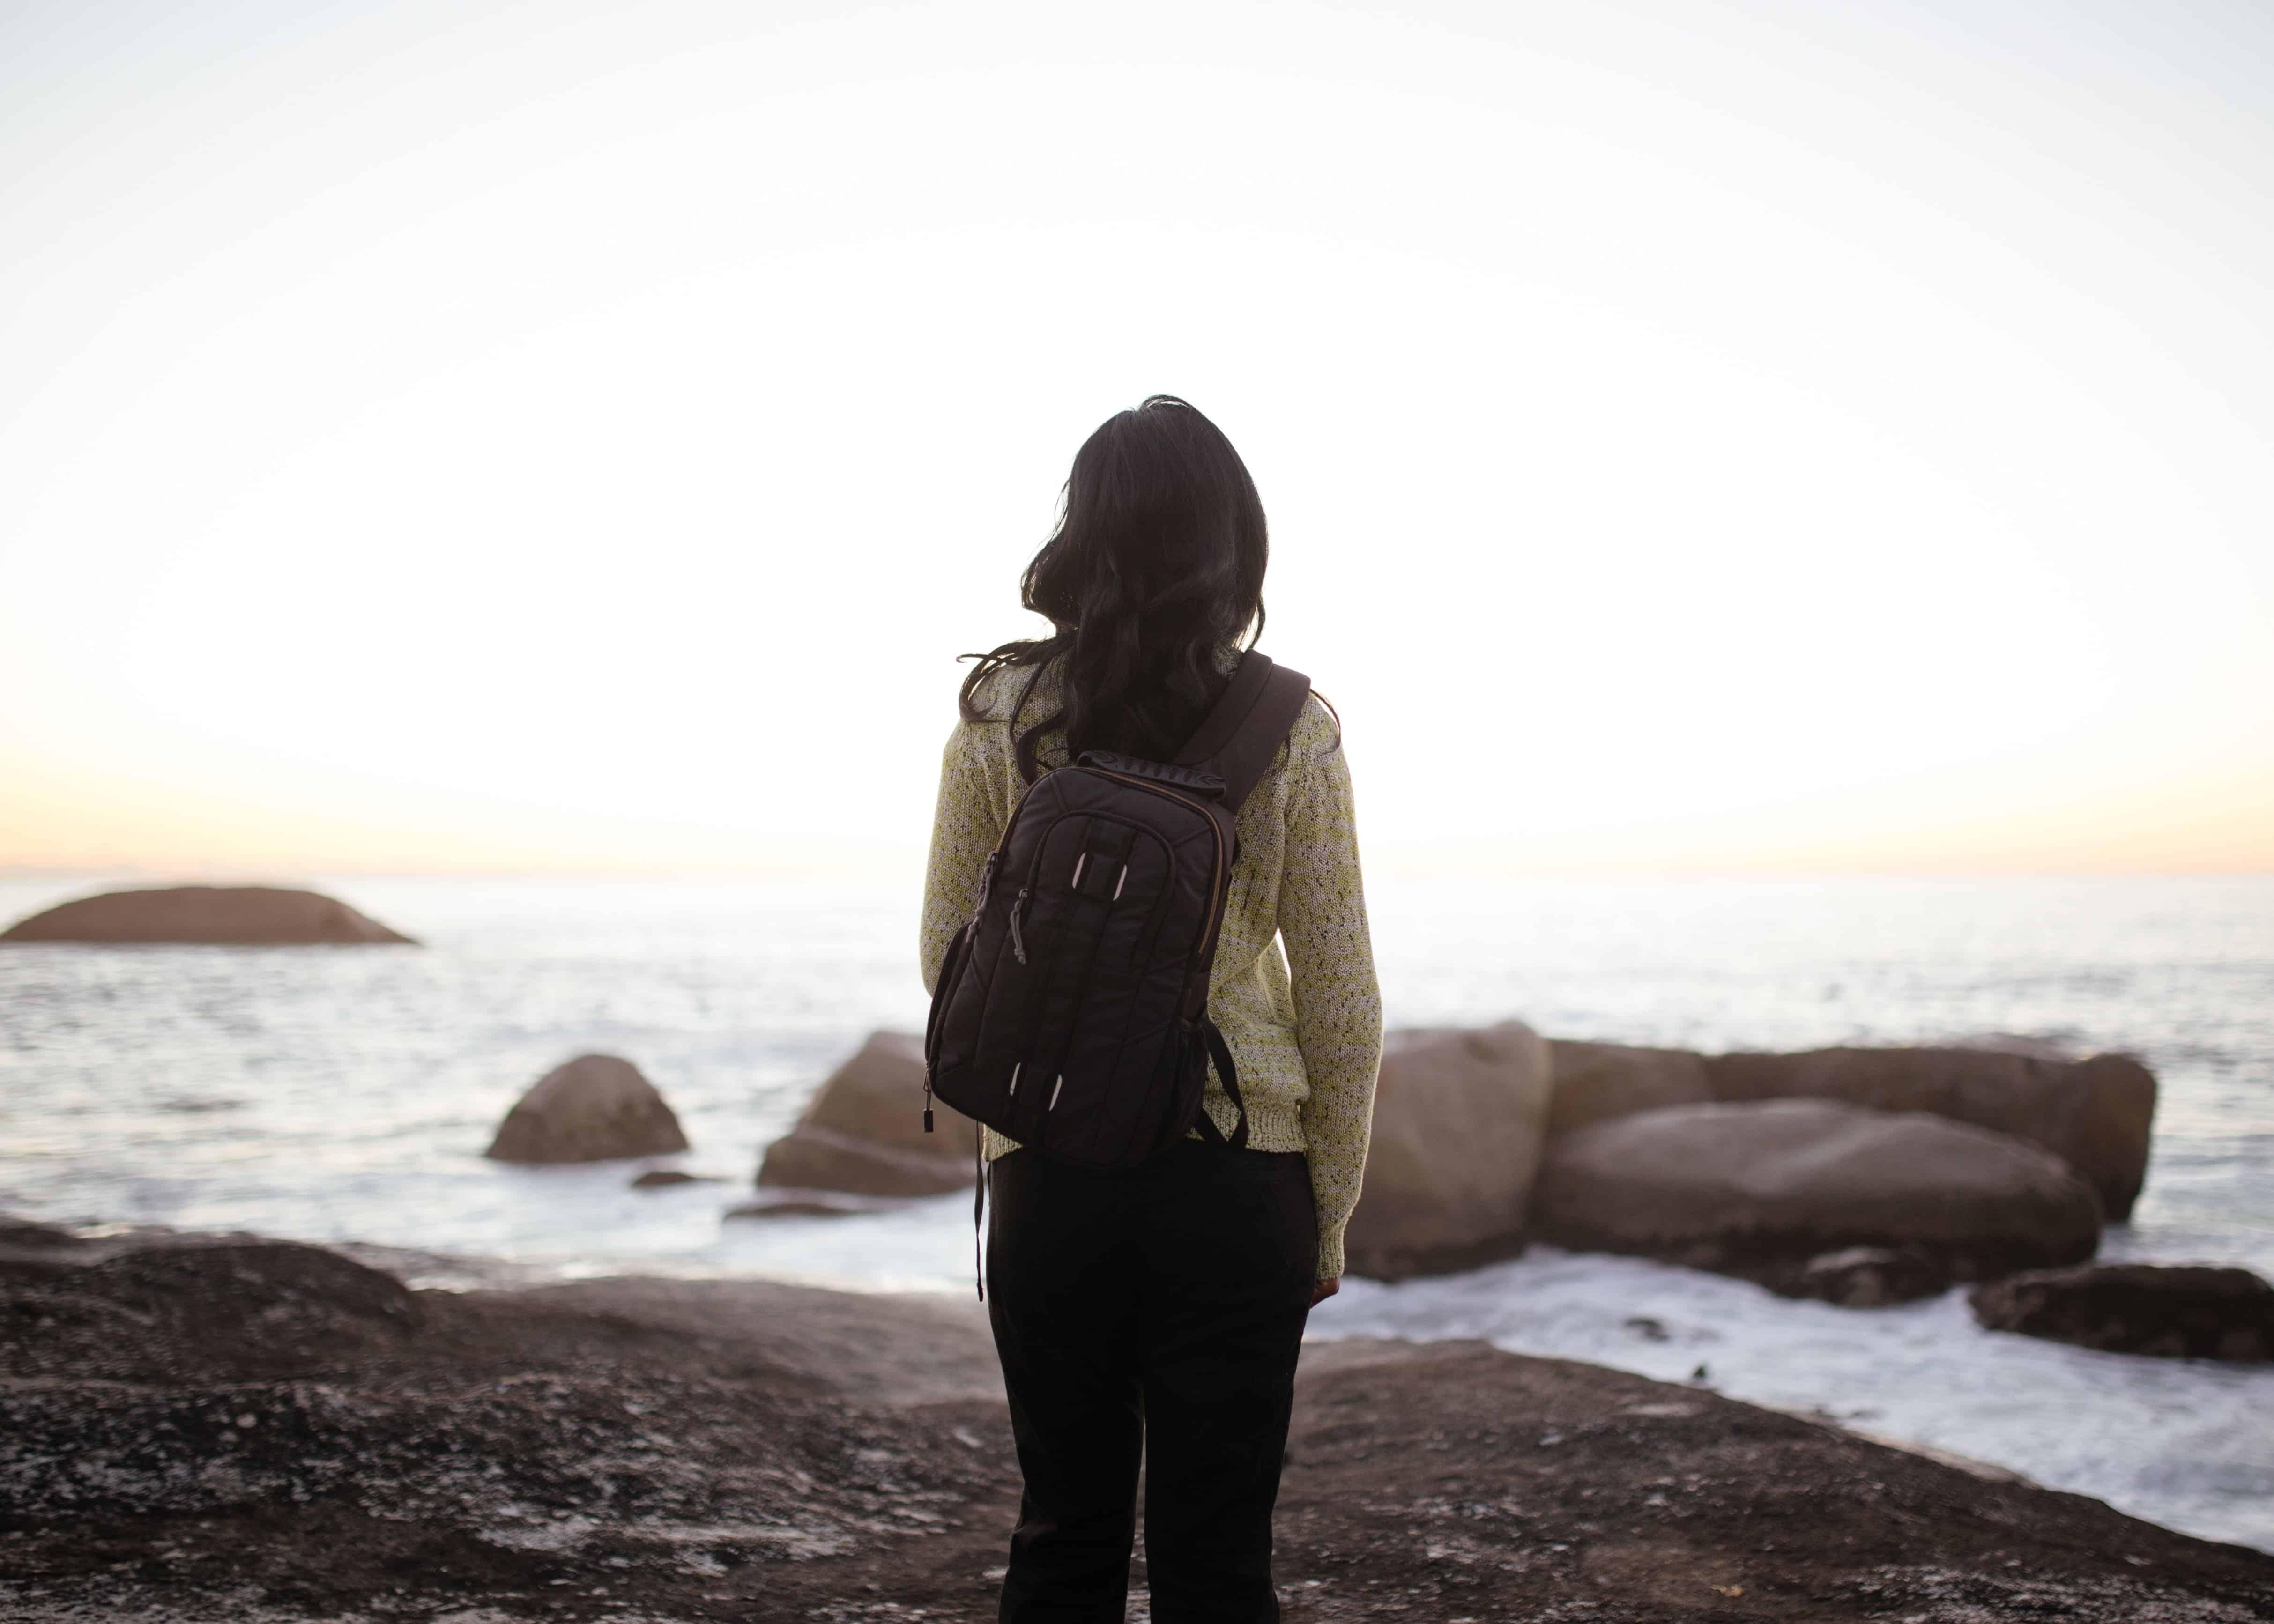 schwarzhaarige Frau mit Rucksack steht am Meer